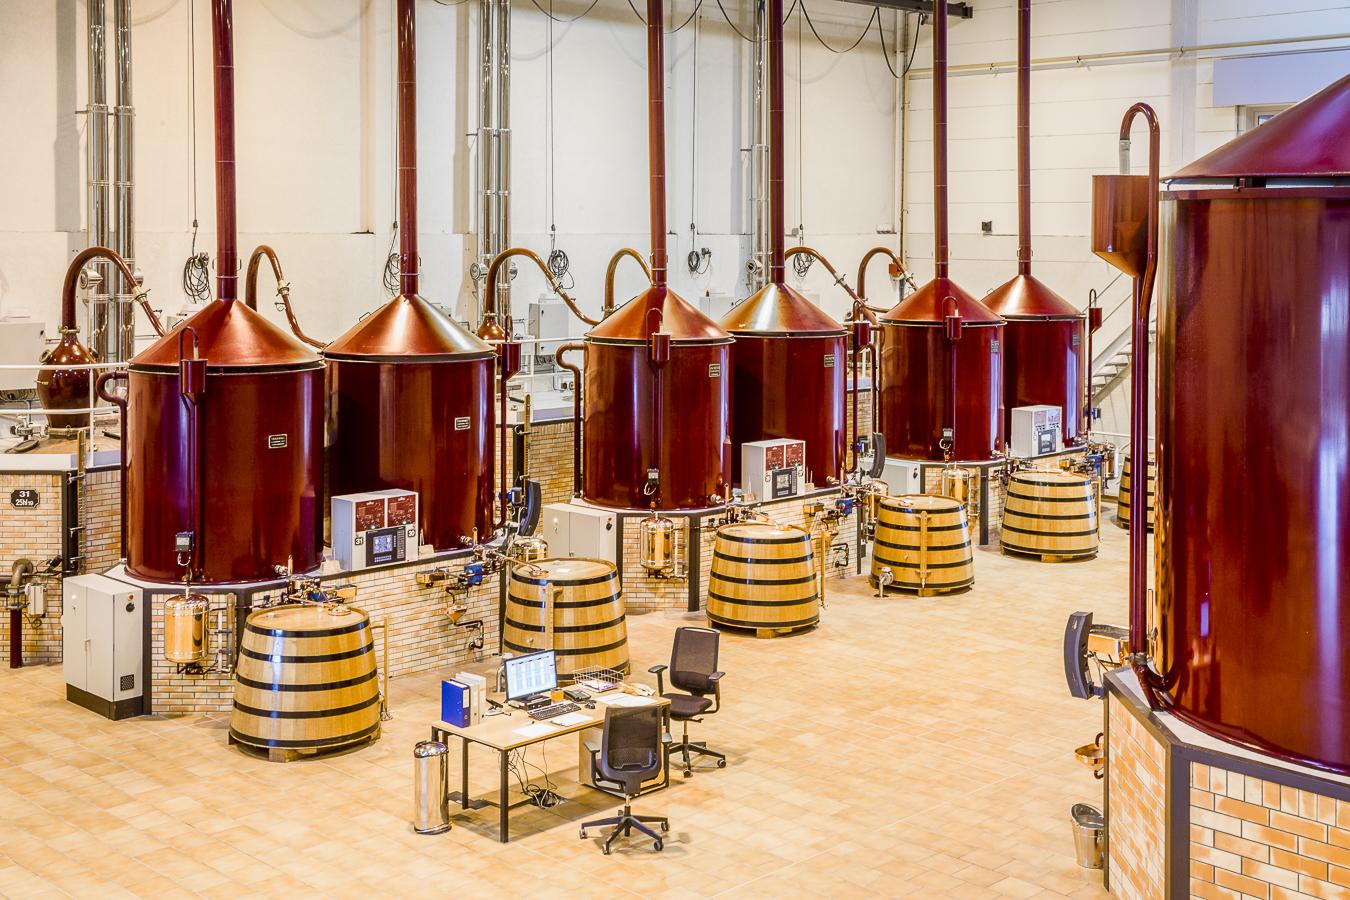 Martell_Distillerie_Janv2016_Cognac_Jerusalmi515